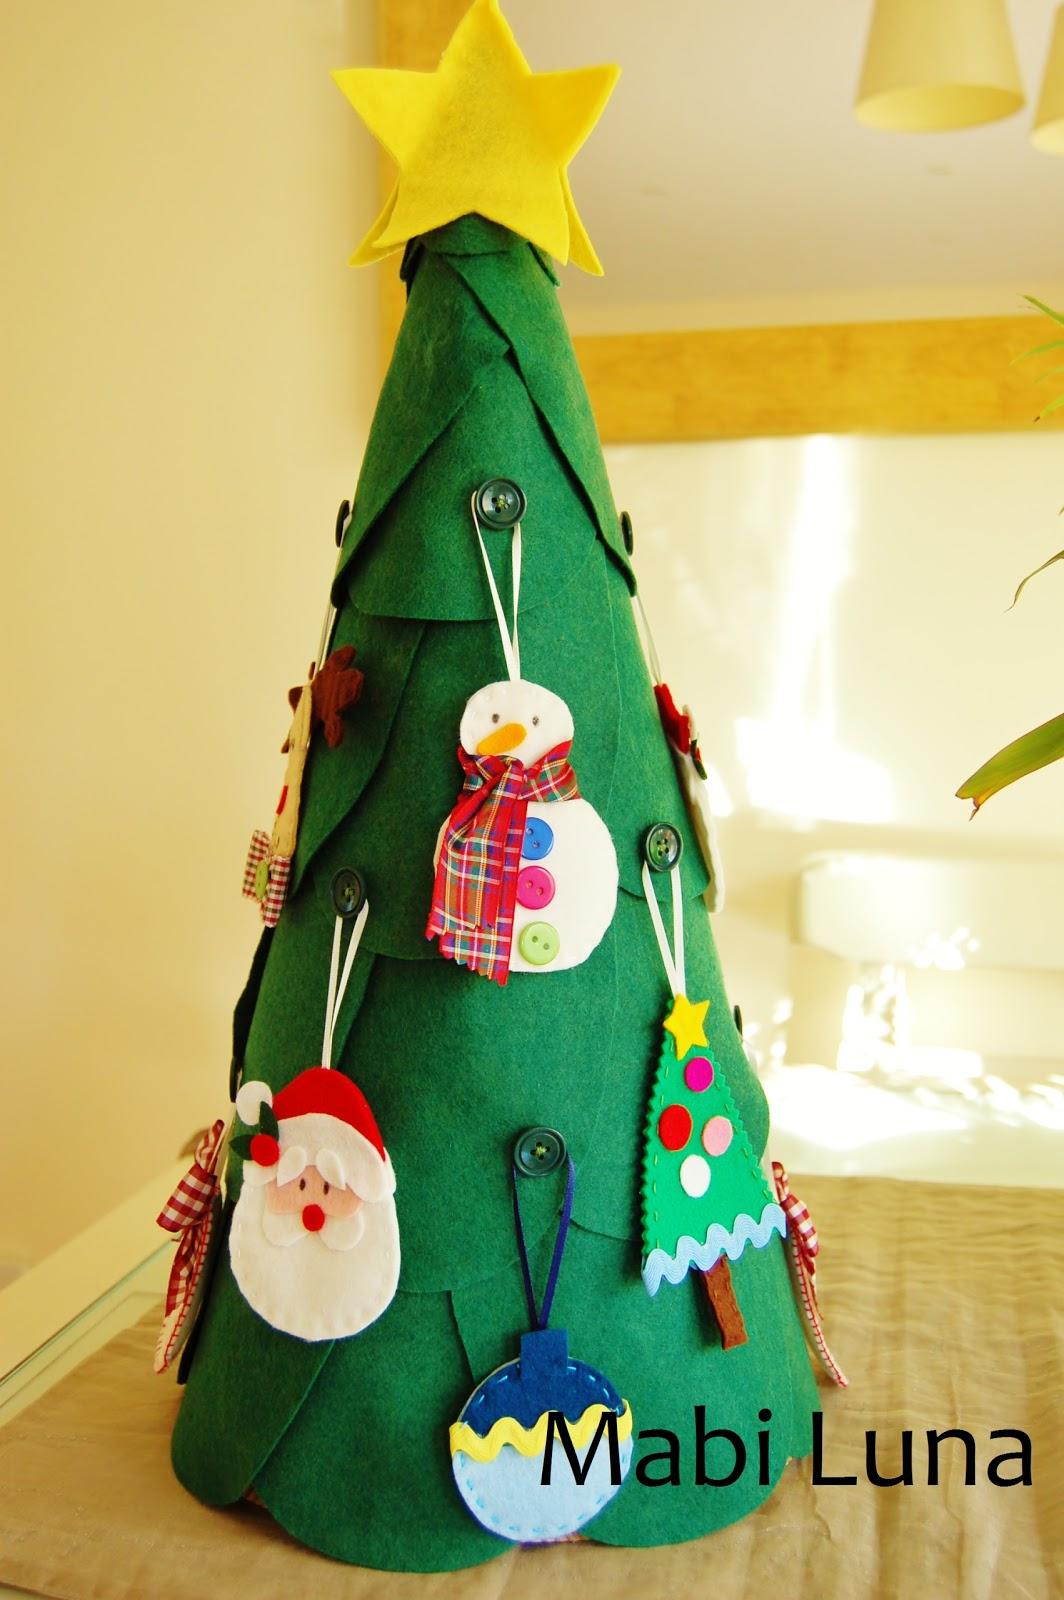 Mabi luna rbol de navidad de fieltro manualidades - Manualidades faciles de navidad para ninos ...